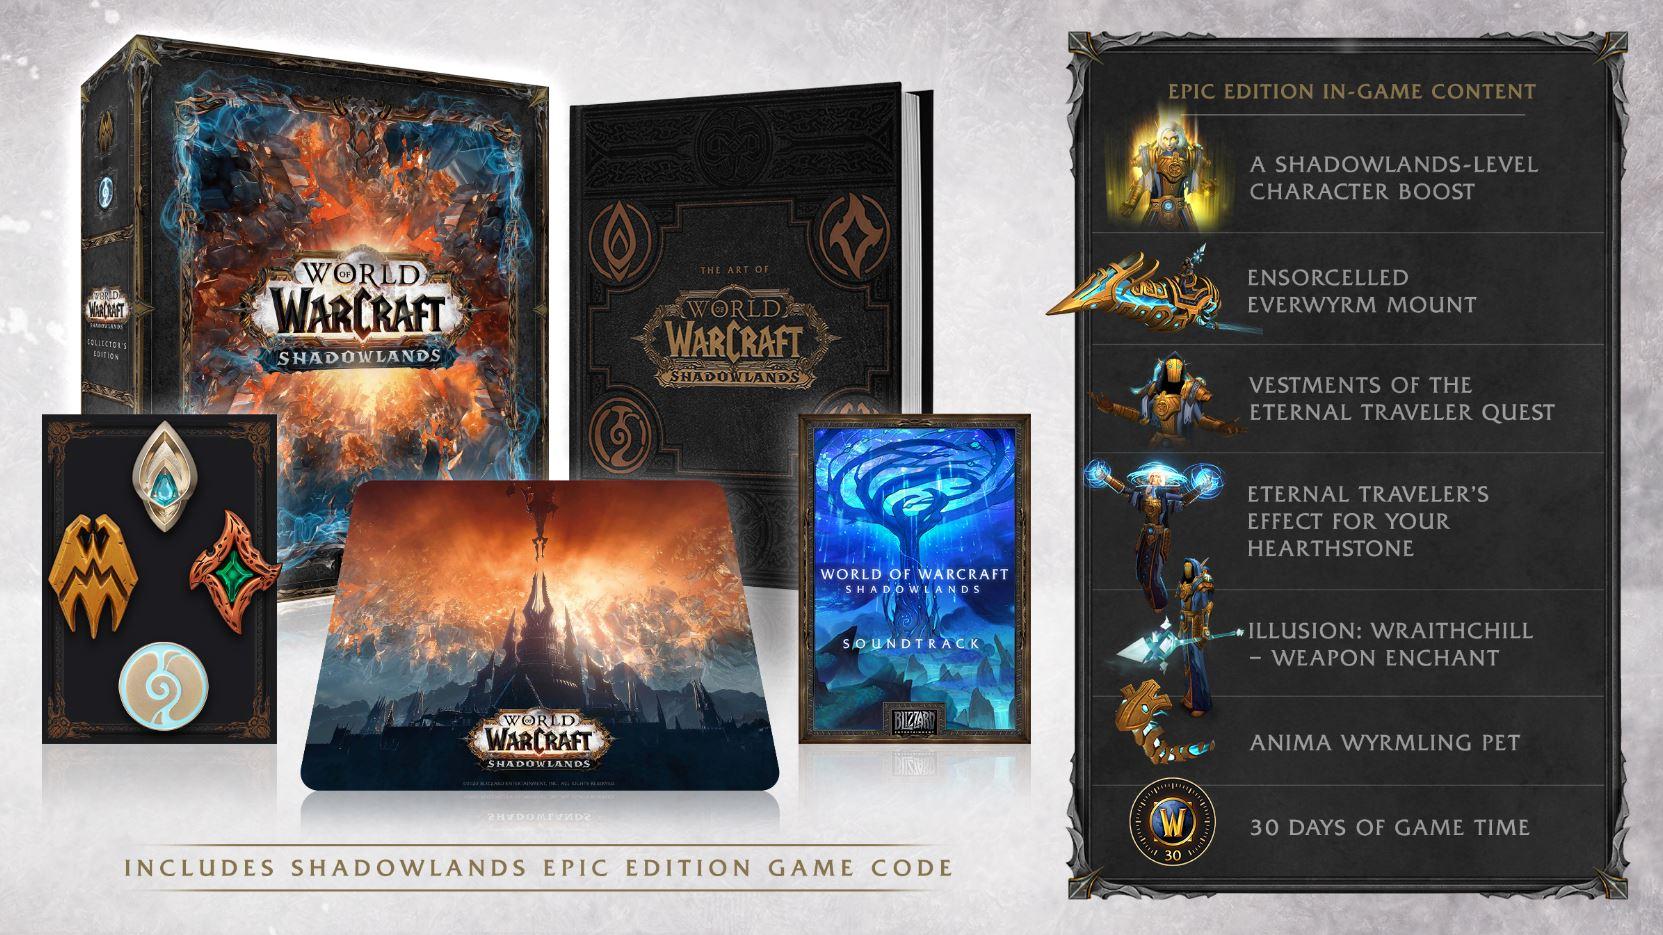 Już w październiku zadebiutuje Shadowlands - ósmy dodatek do nieśmiertelnego World of Warcraft